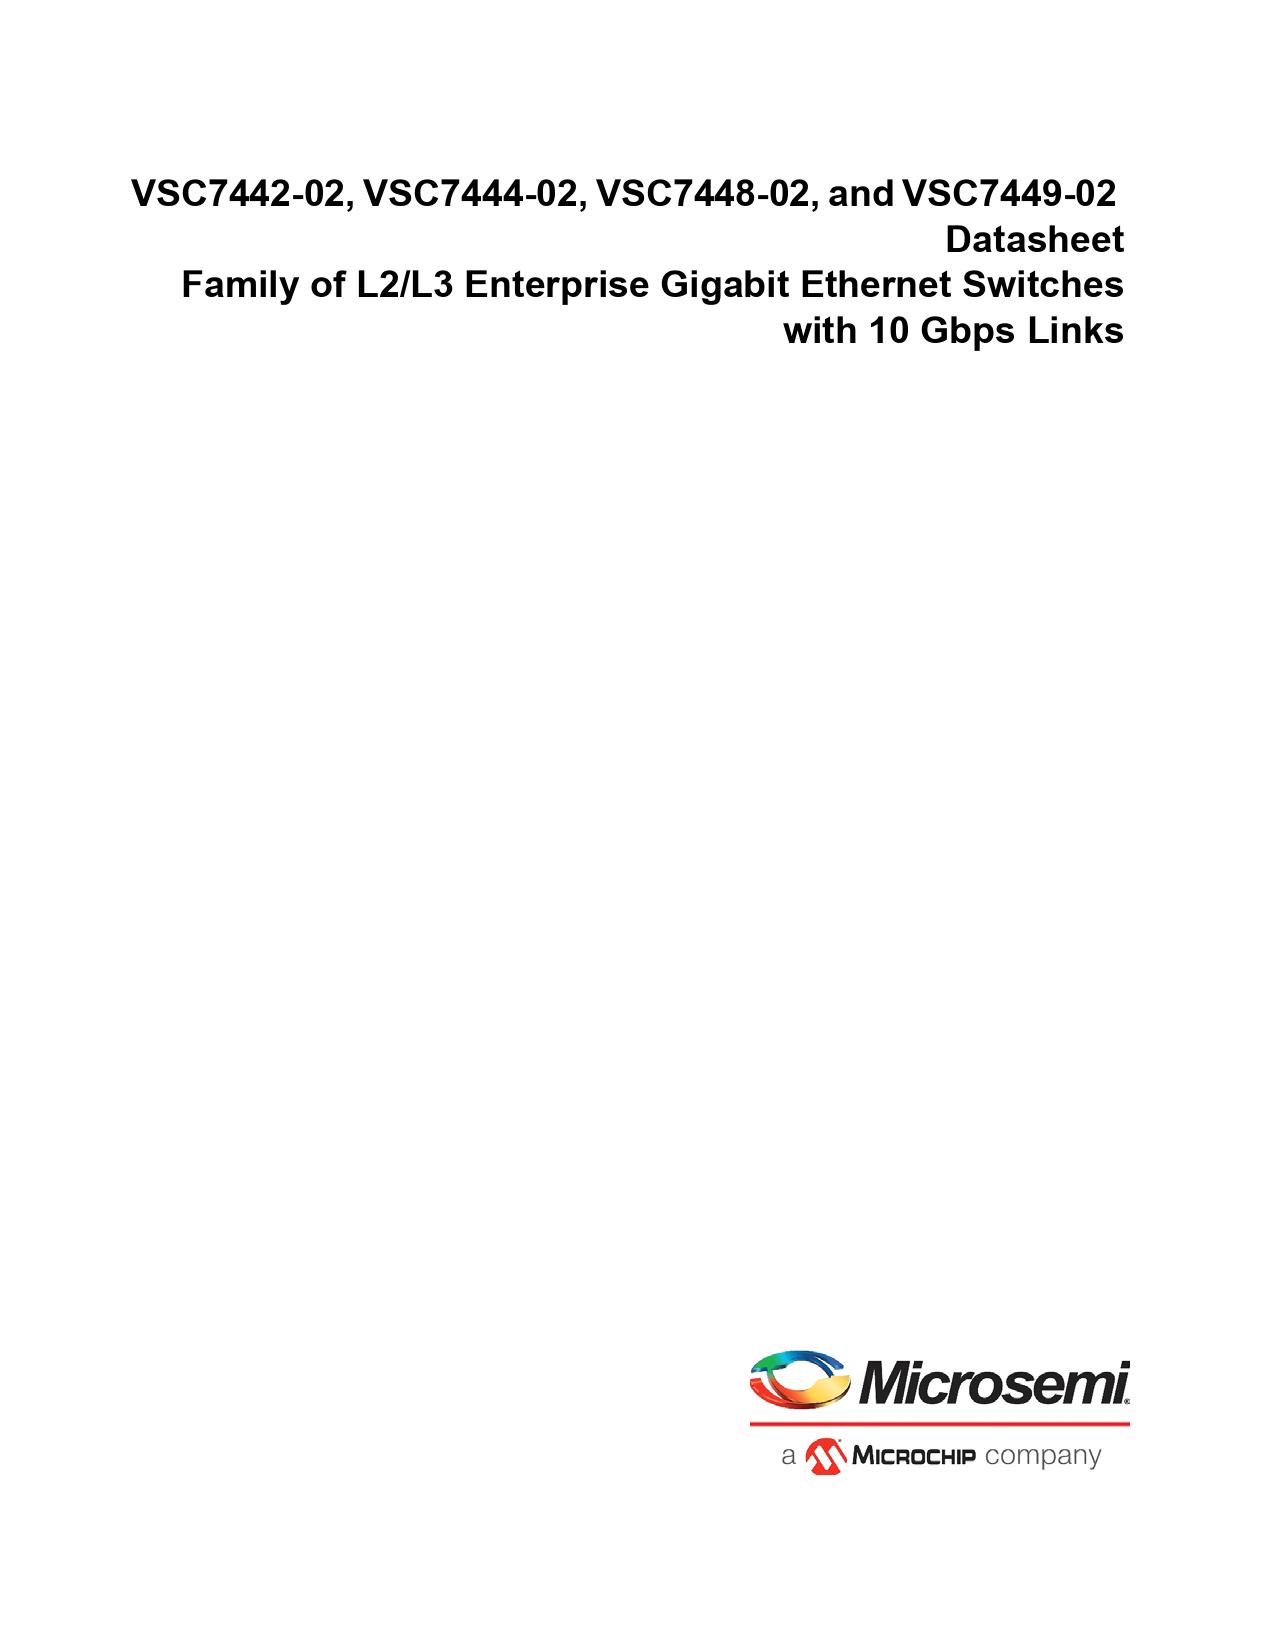 Datasheet VSC7442-02, VSC7444-02, VSC7448-02, VSC7449-02 Microchip